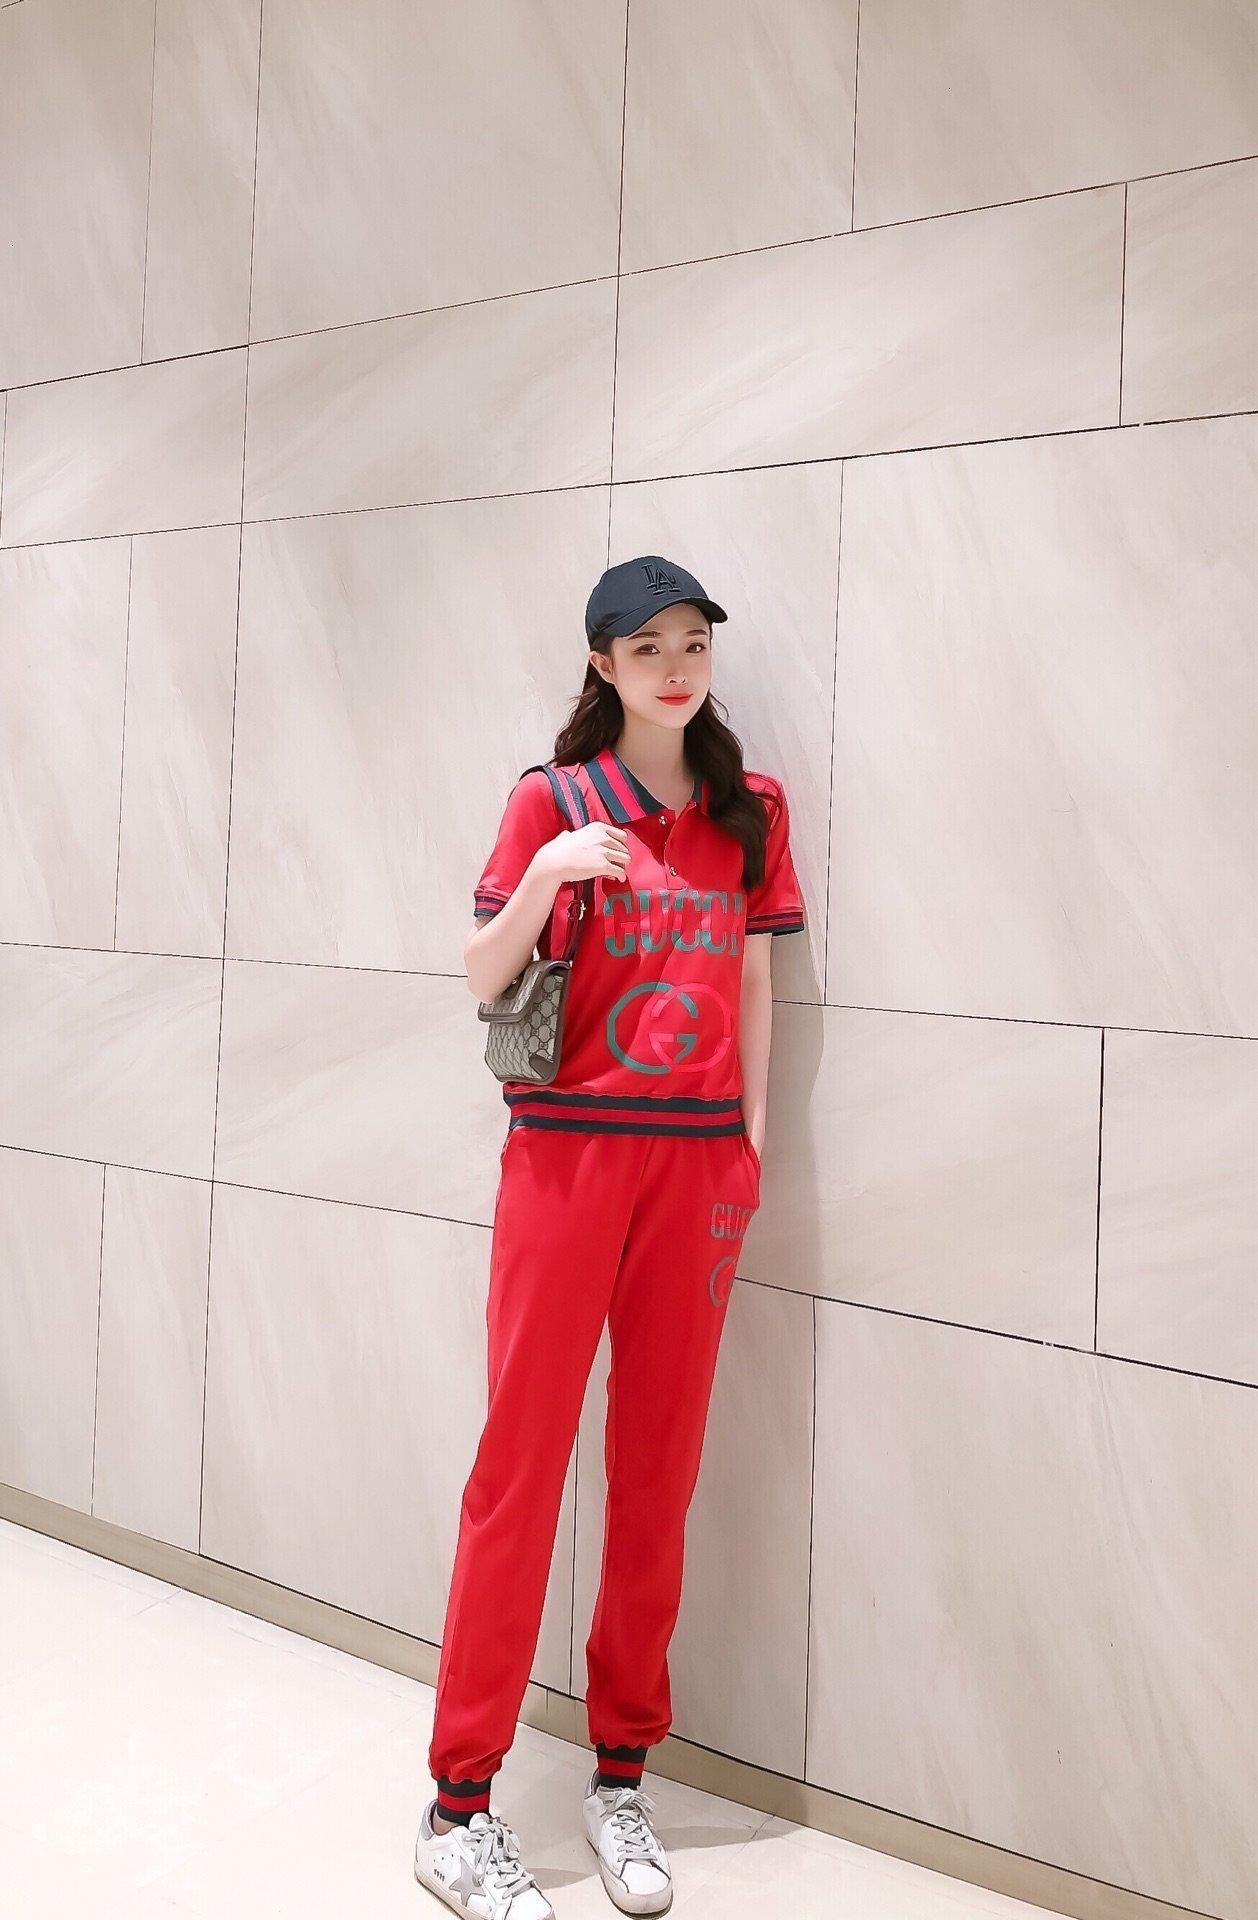 2020 haute qualité dames pantalon ensembles tops + Pantalon 2 pcs printemps et d'été casual ensembles de mode vêtements D2TGFVE8